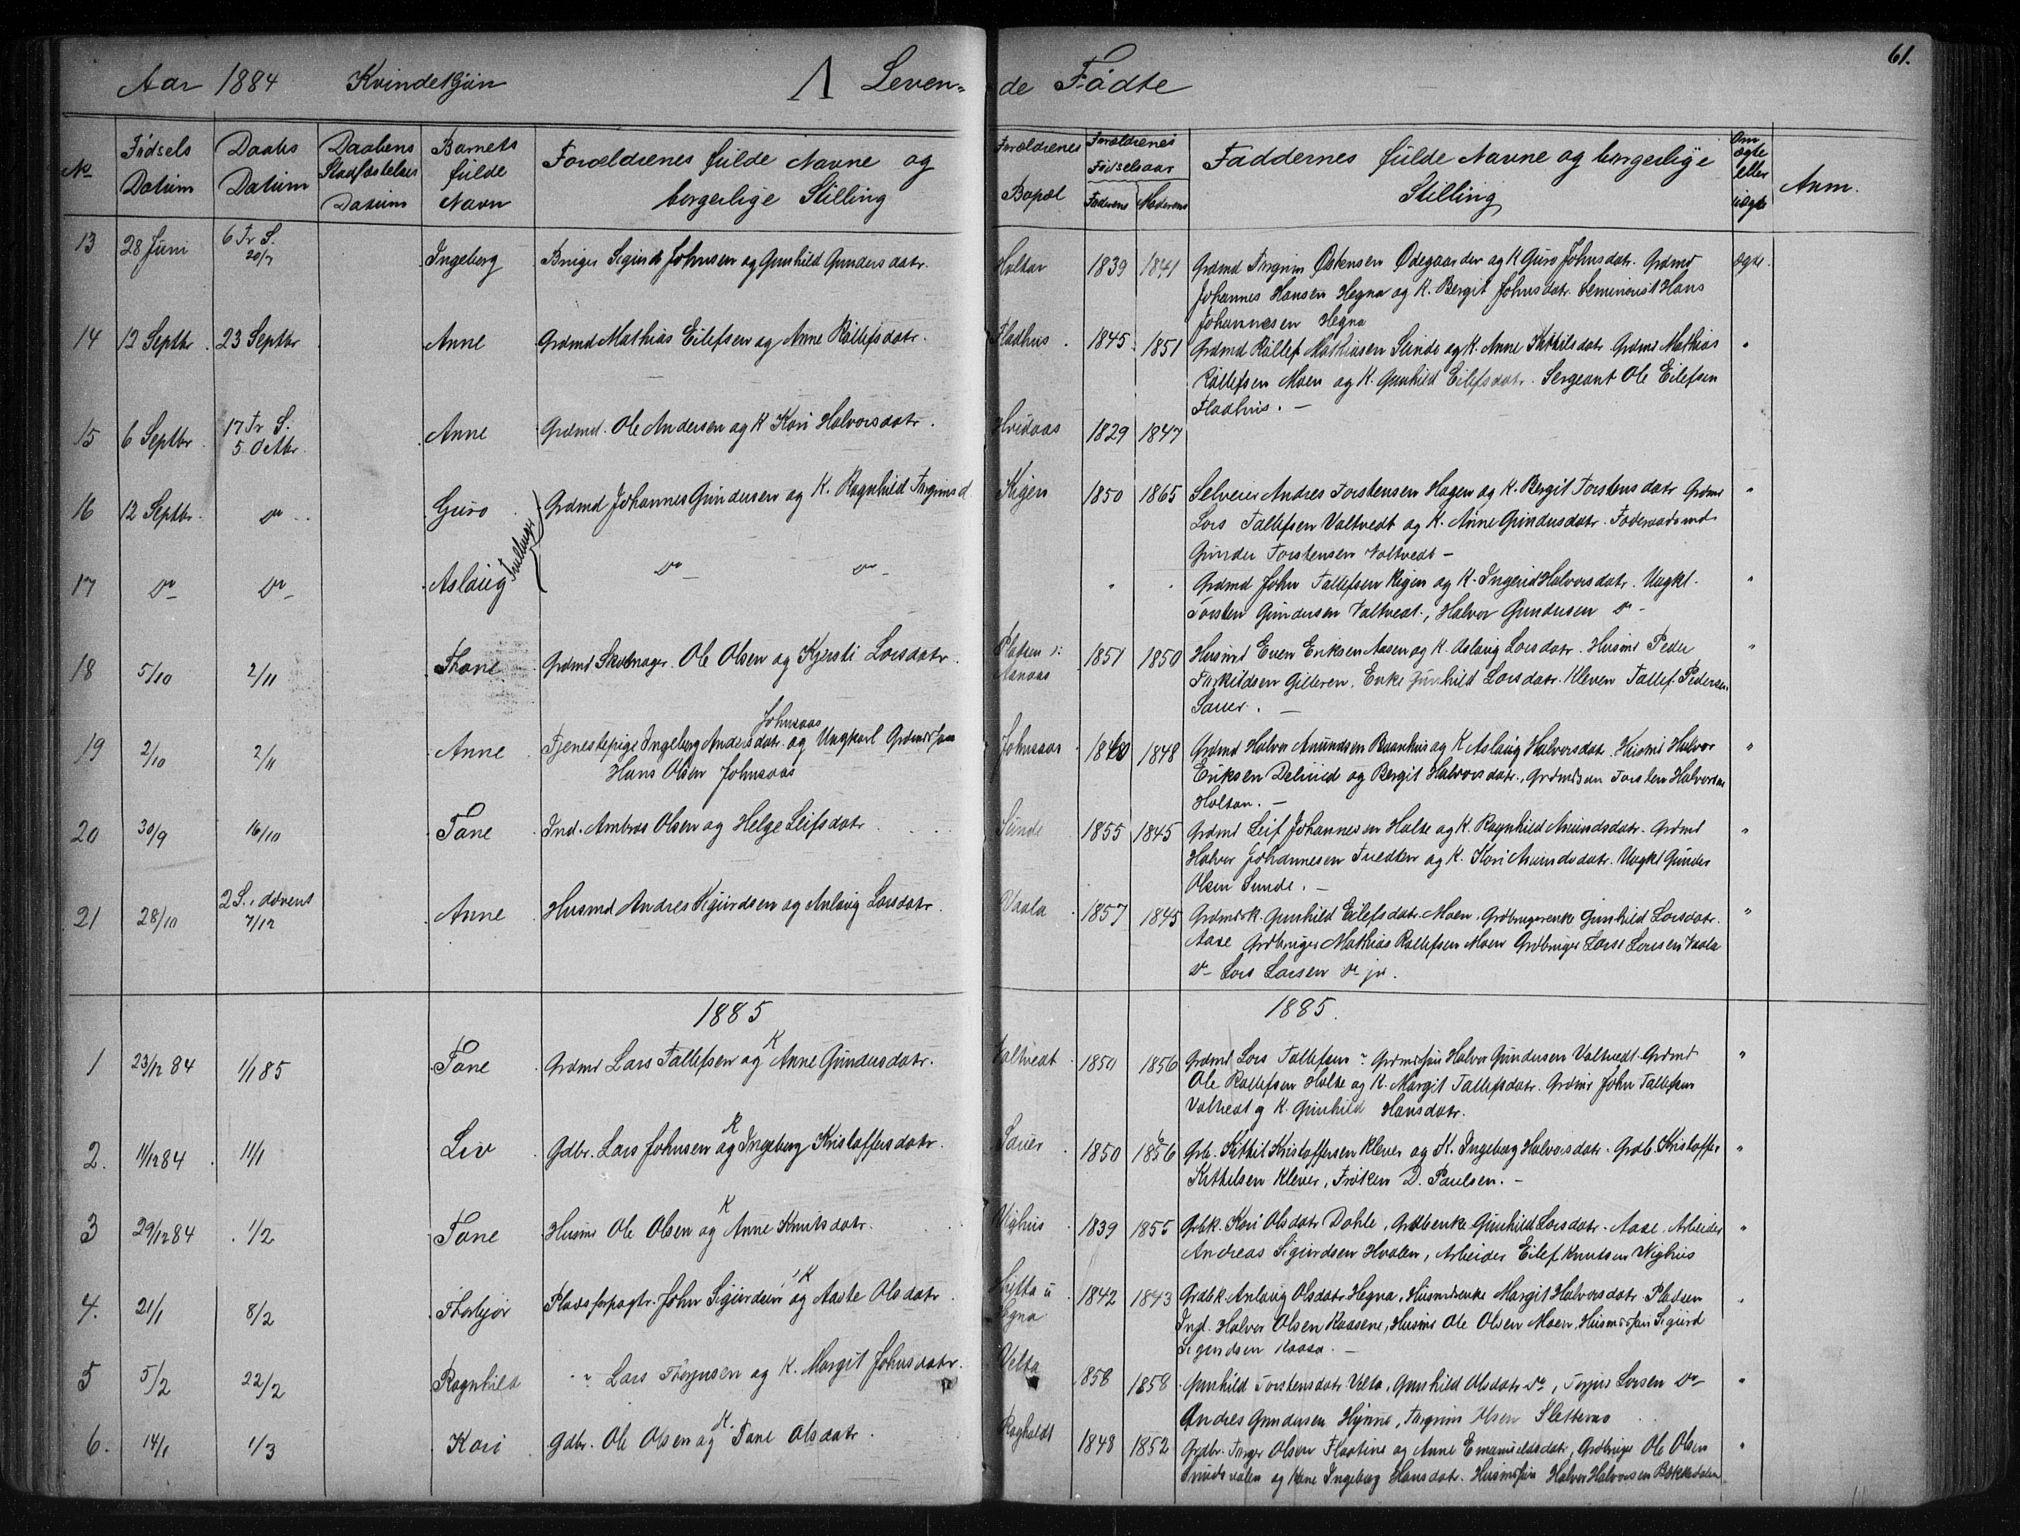 SAKO, Sauherad kirkebøker, G/Ga/L0003: Klokkerbok nr. I 3, 1866-1905, s. 61